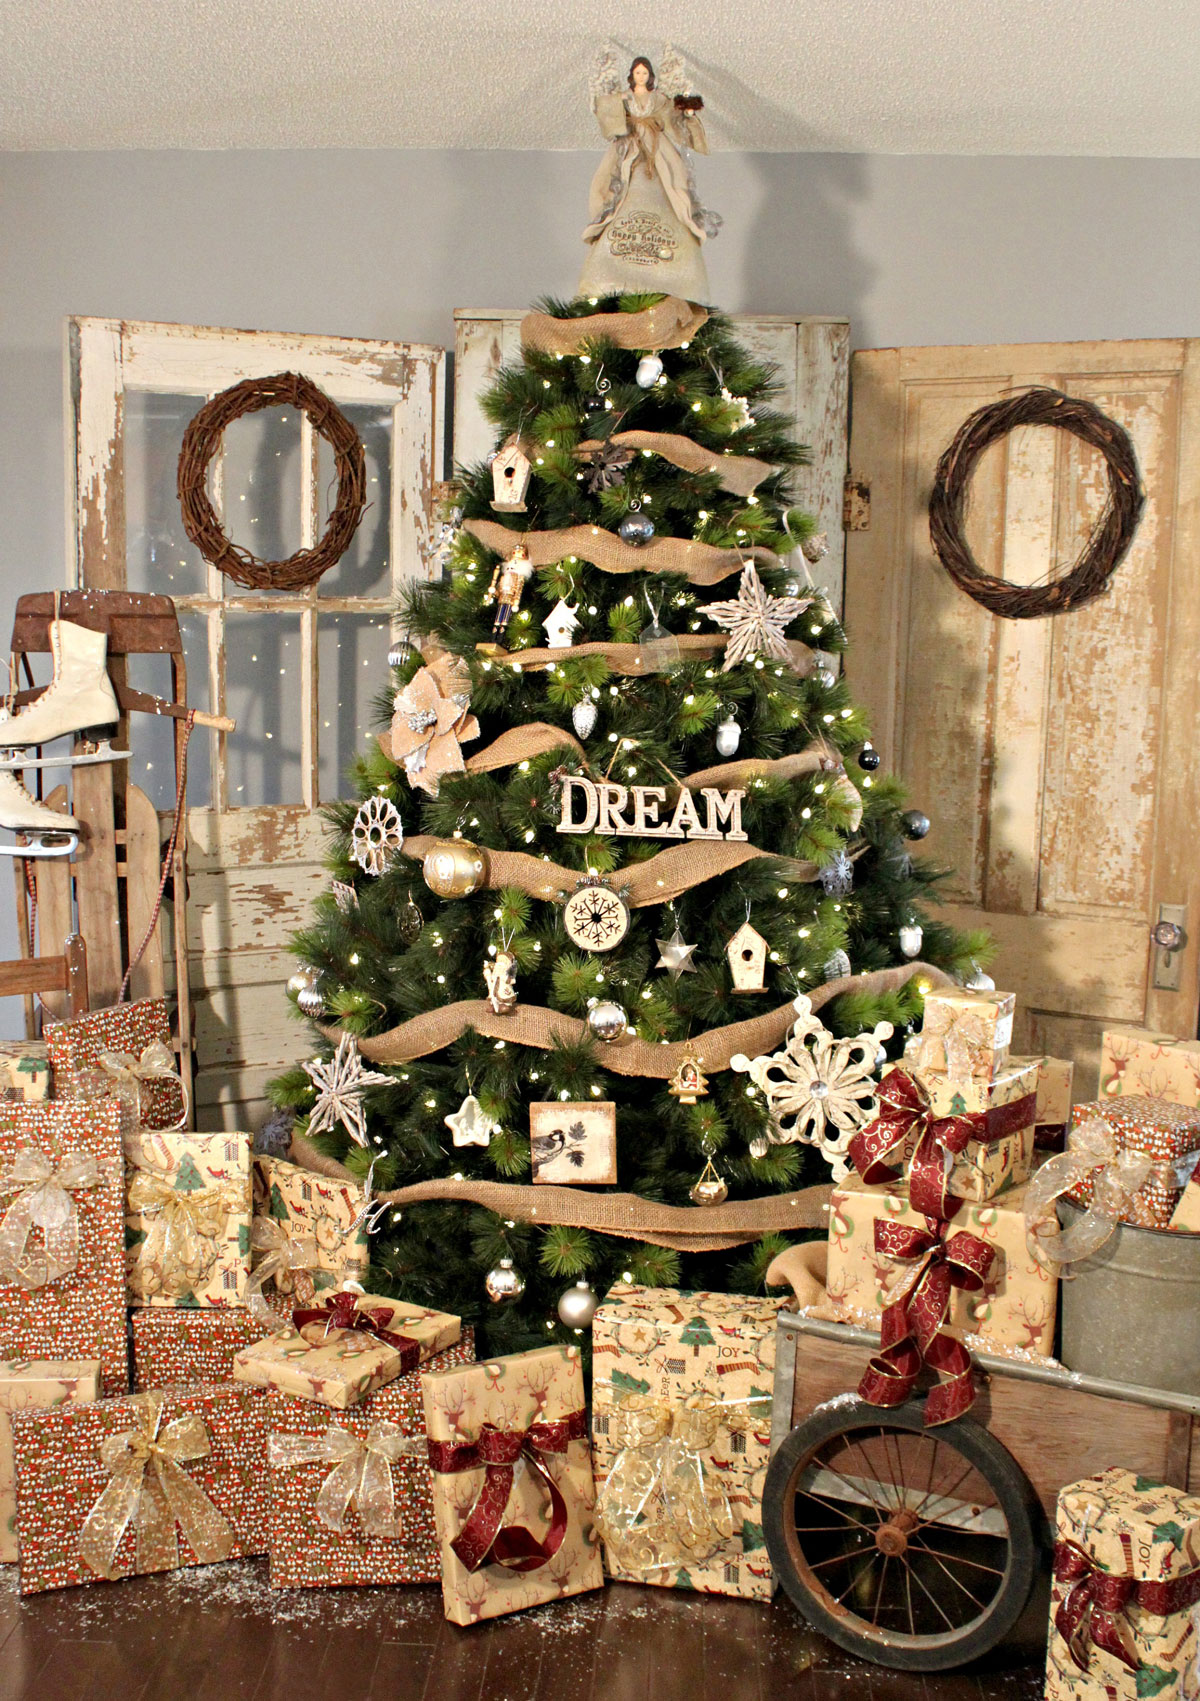 Rustykalna dekoracja choinki czyli drzewko świąteczne w stylu vintage oraz naturalne, ekologiczne, drewniane ozdoby choinkowe